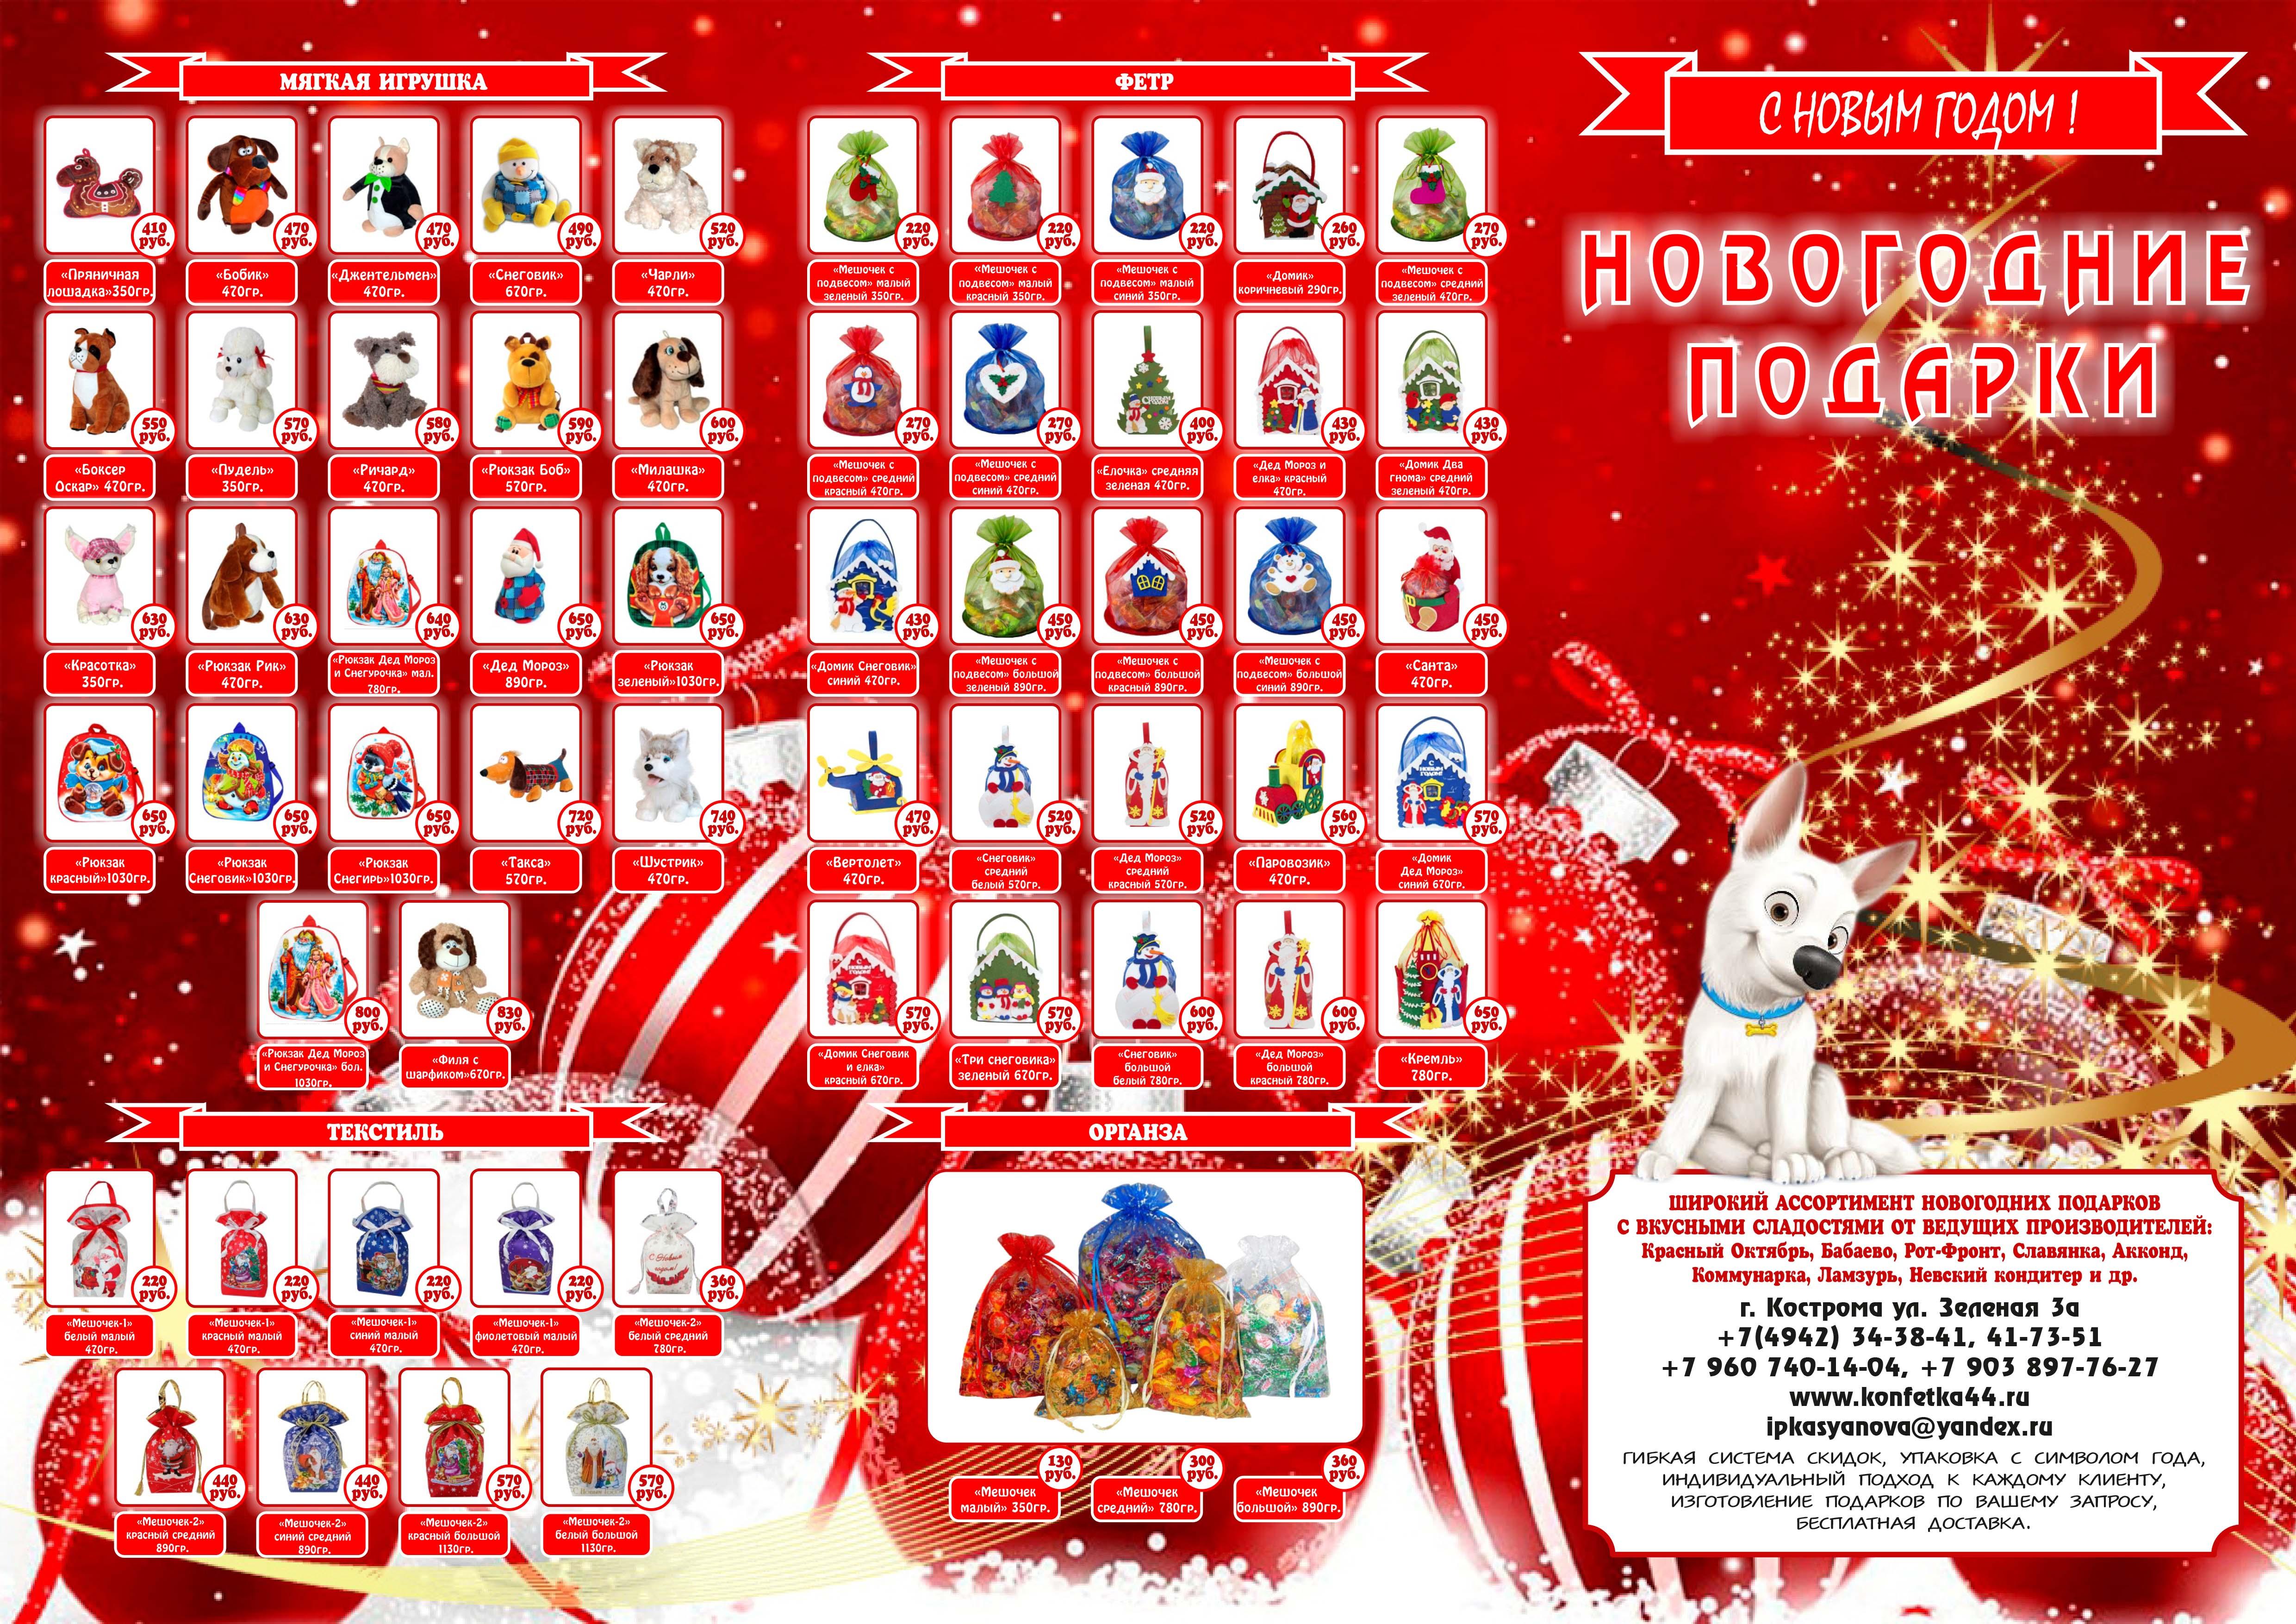 Скачать каталог новогодних подарков стр.1